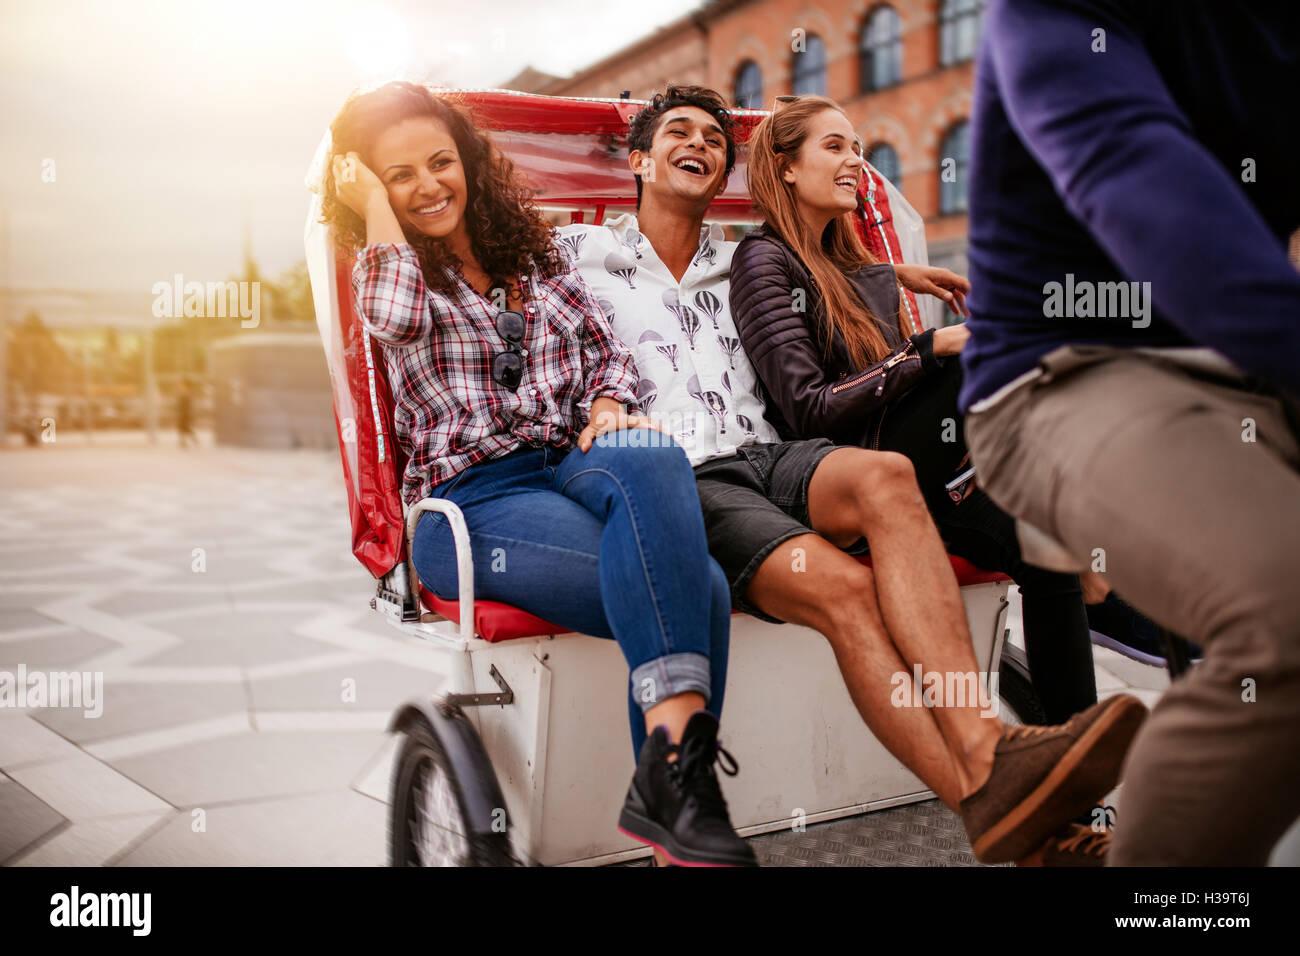 Amigos disfrutando de adolescentes triciclo de paseo en la ciudad. Los adolescentes montando en triciclo en la carretera Imagen De Stock